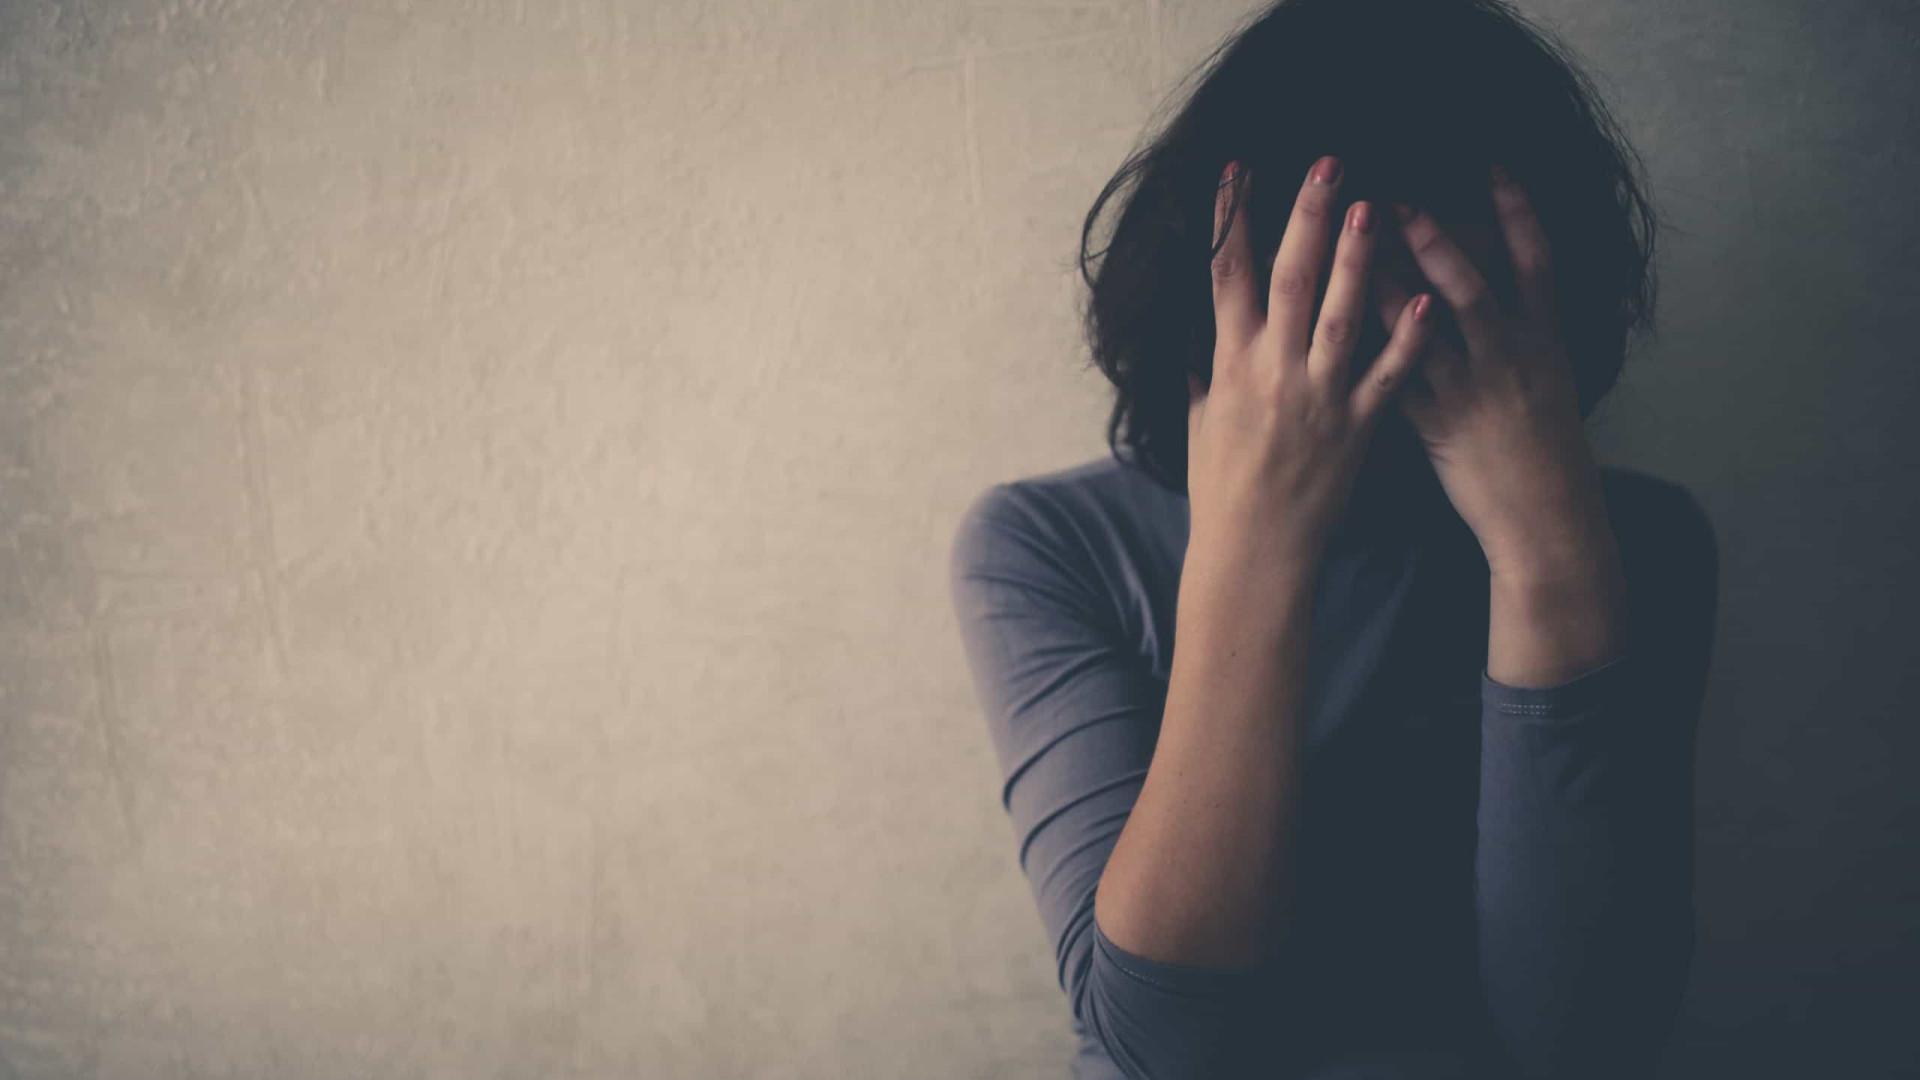 Atenção! Fique atento aos cinco sinais de estresse extremo